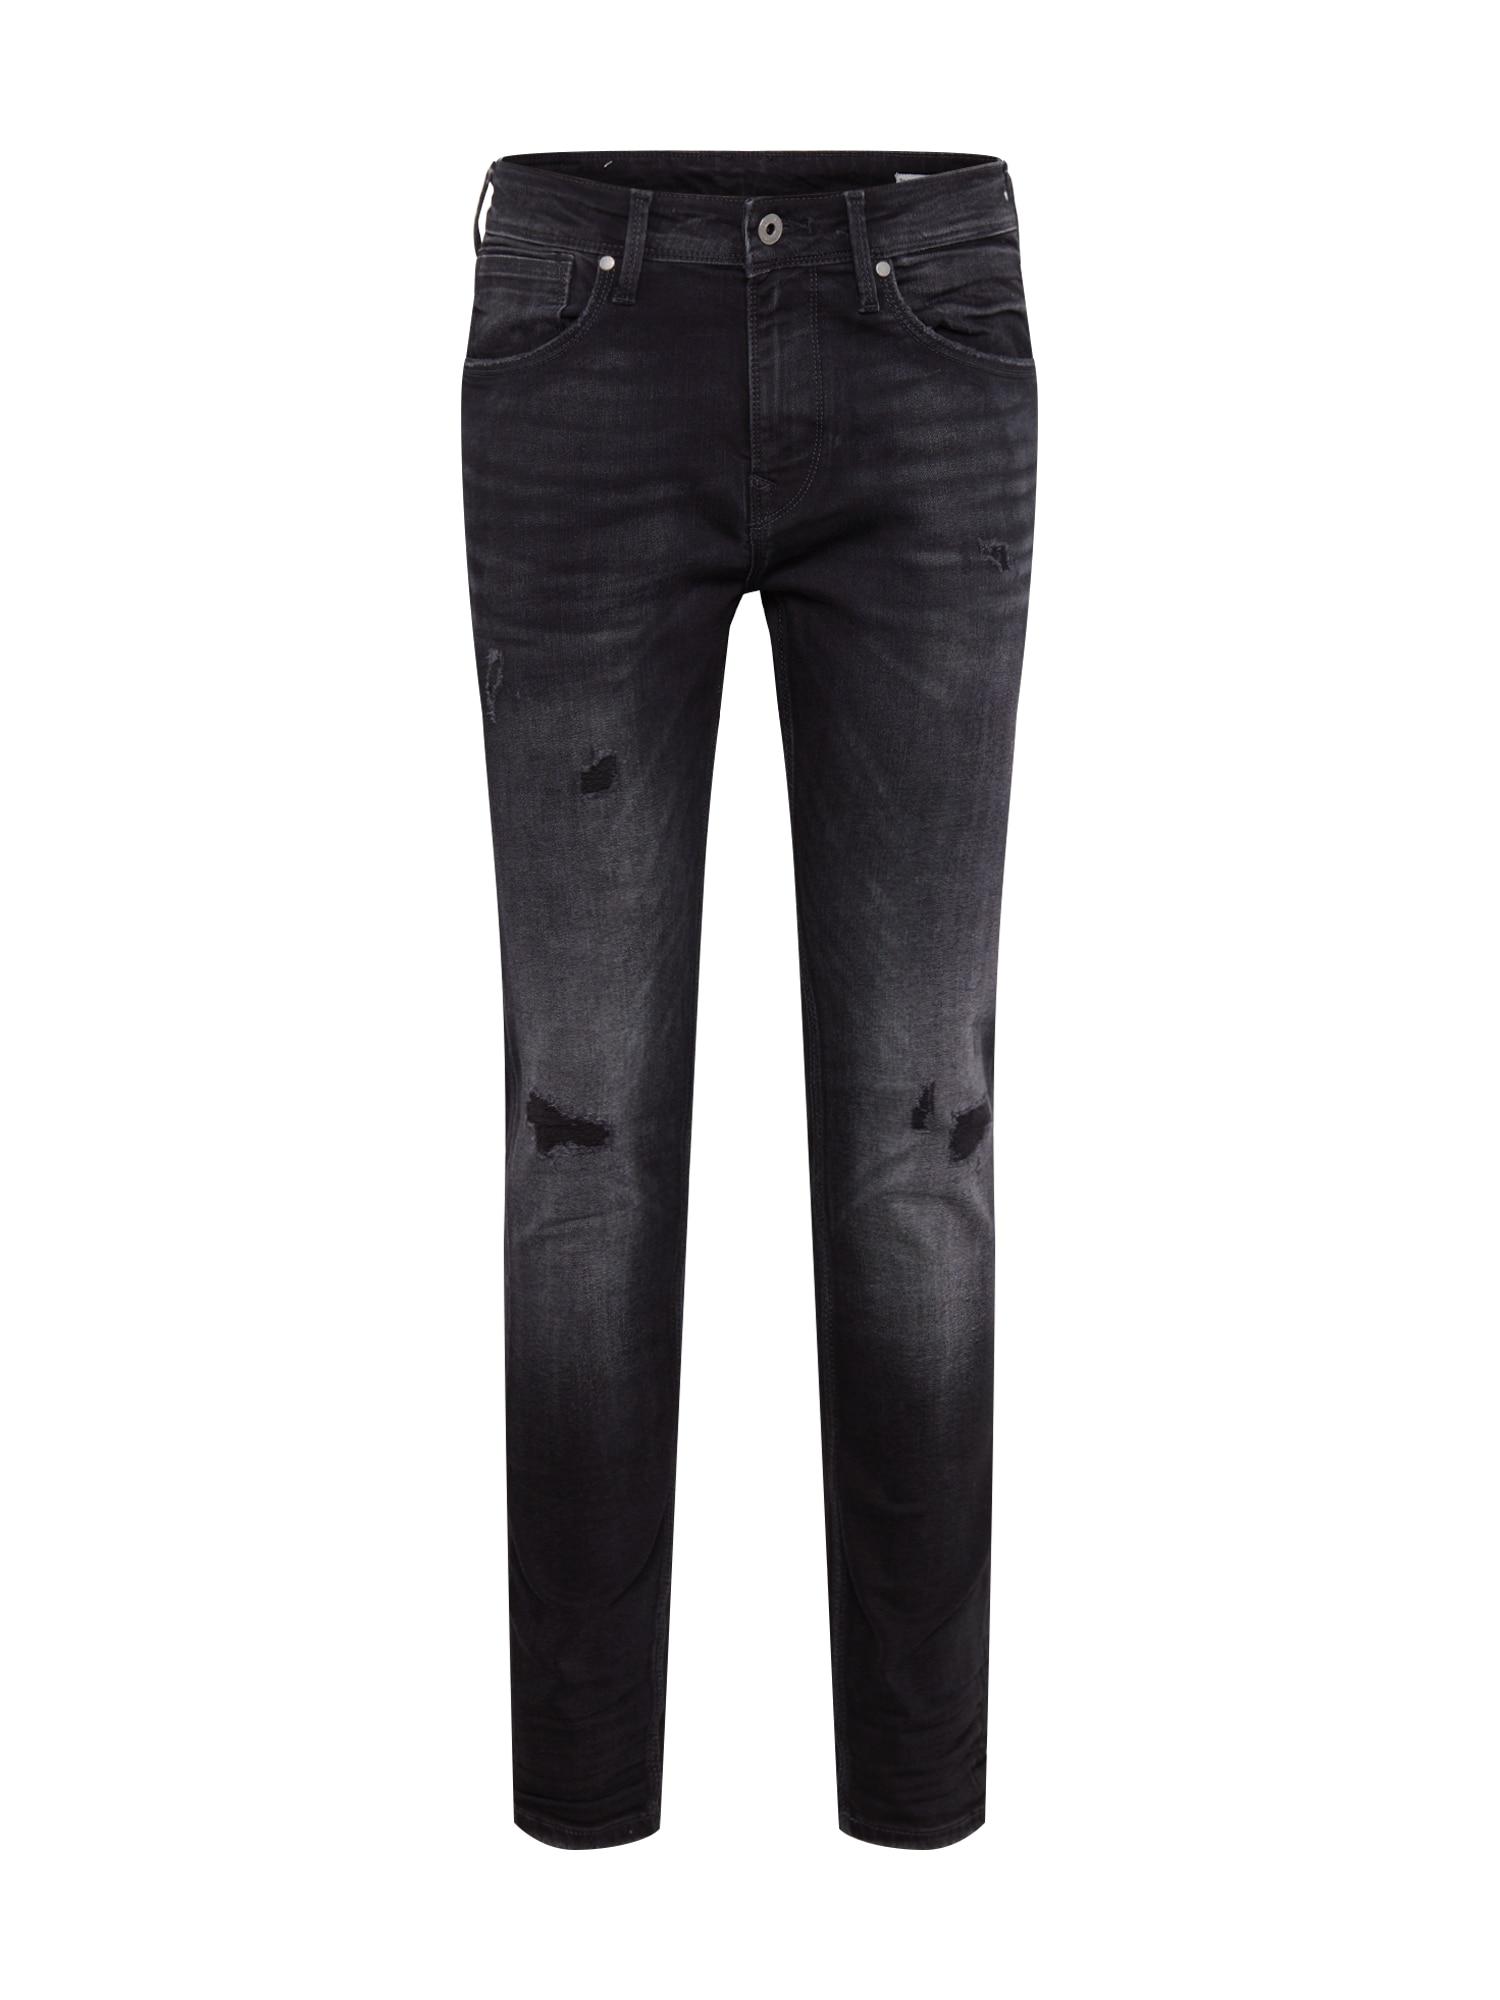 Pepe Jeans Džinsai 'Nickel' juodo džinso spalva